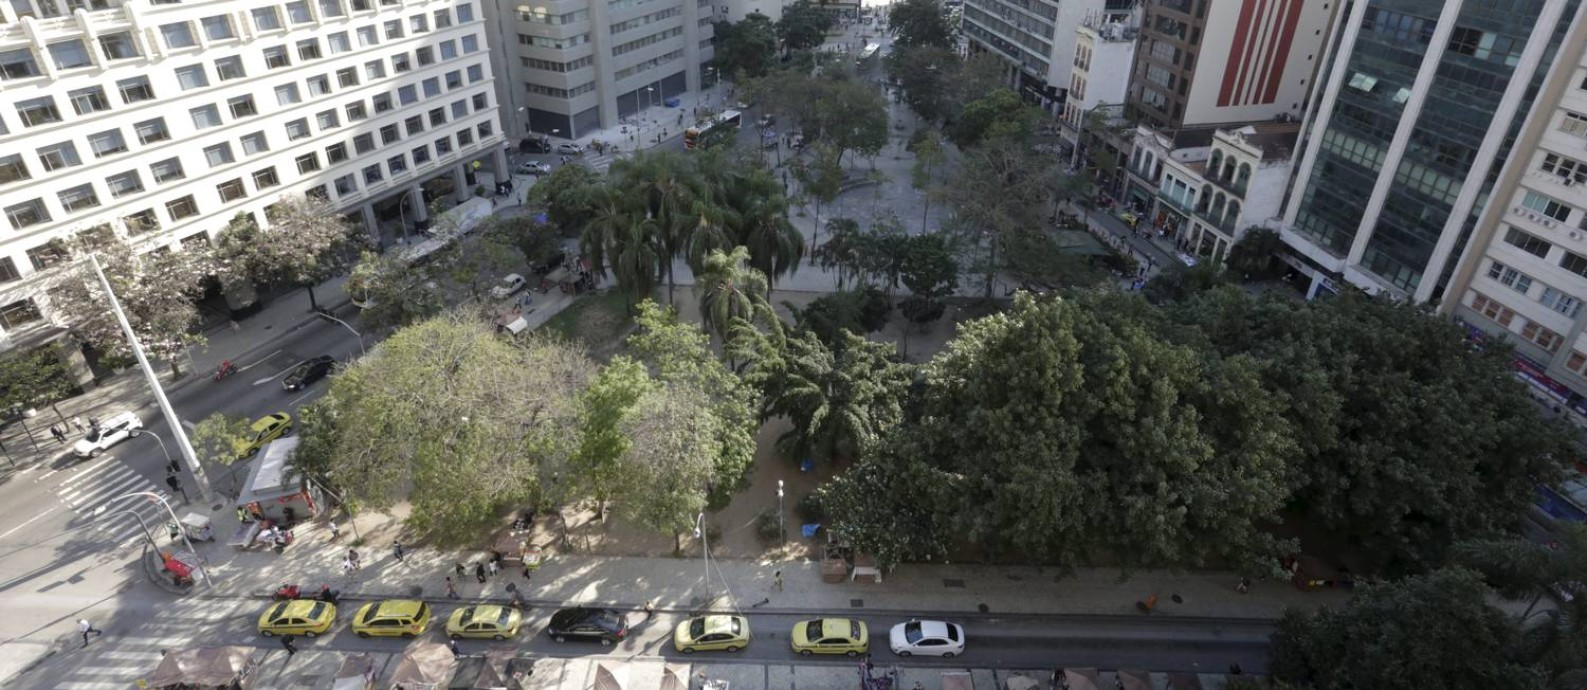 Buraco do Lum,e no Centro do Rio: área foi vendida durante leilão em São Paulo Foto: Domingos Peixoto / Agência O Globo